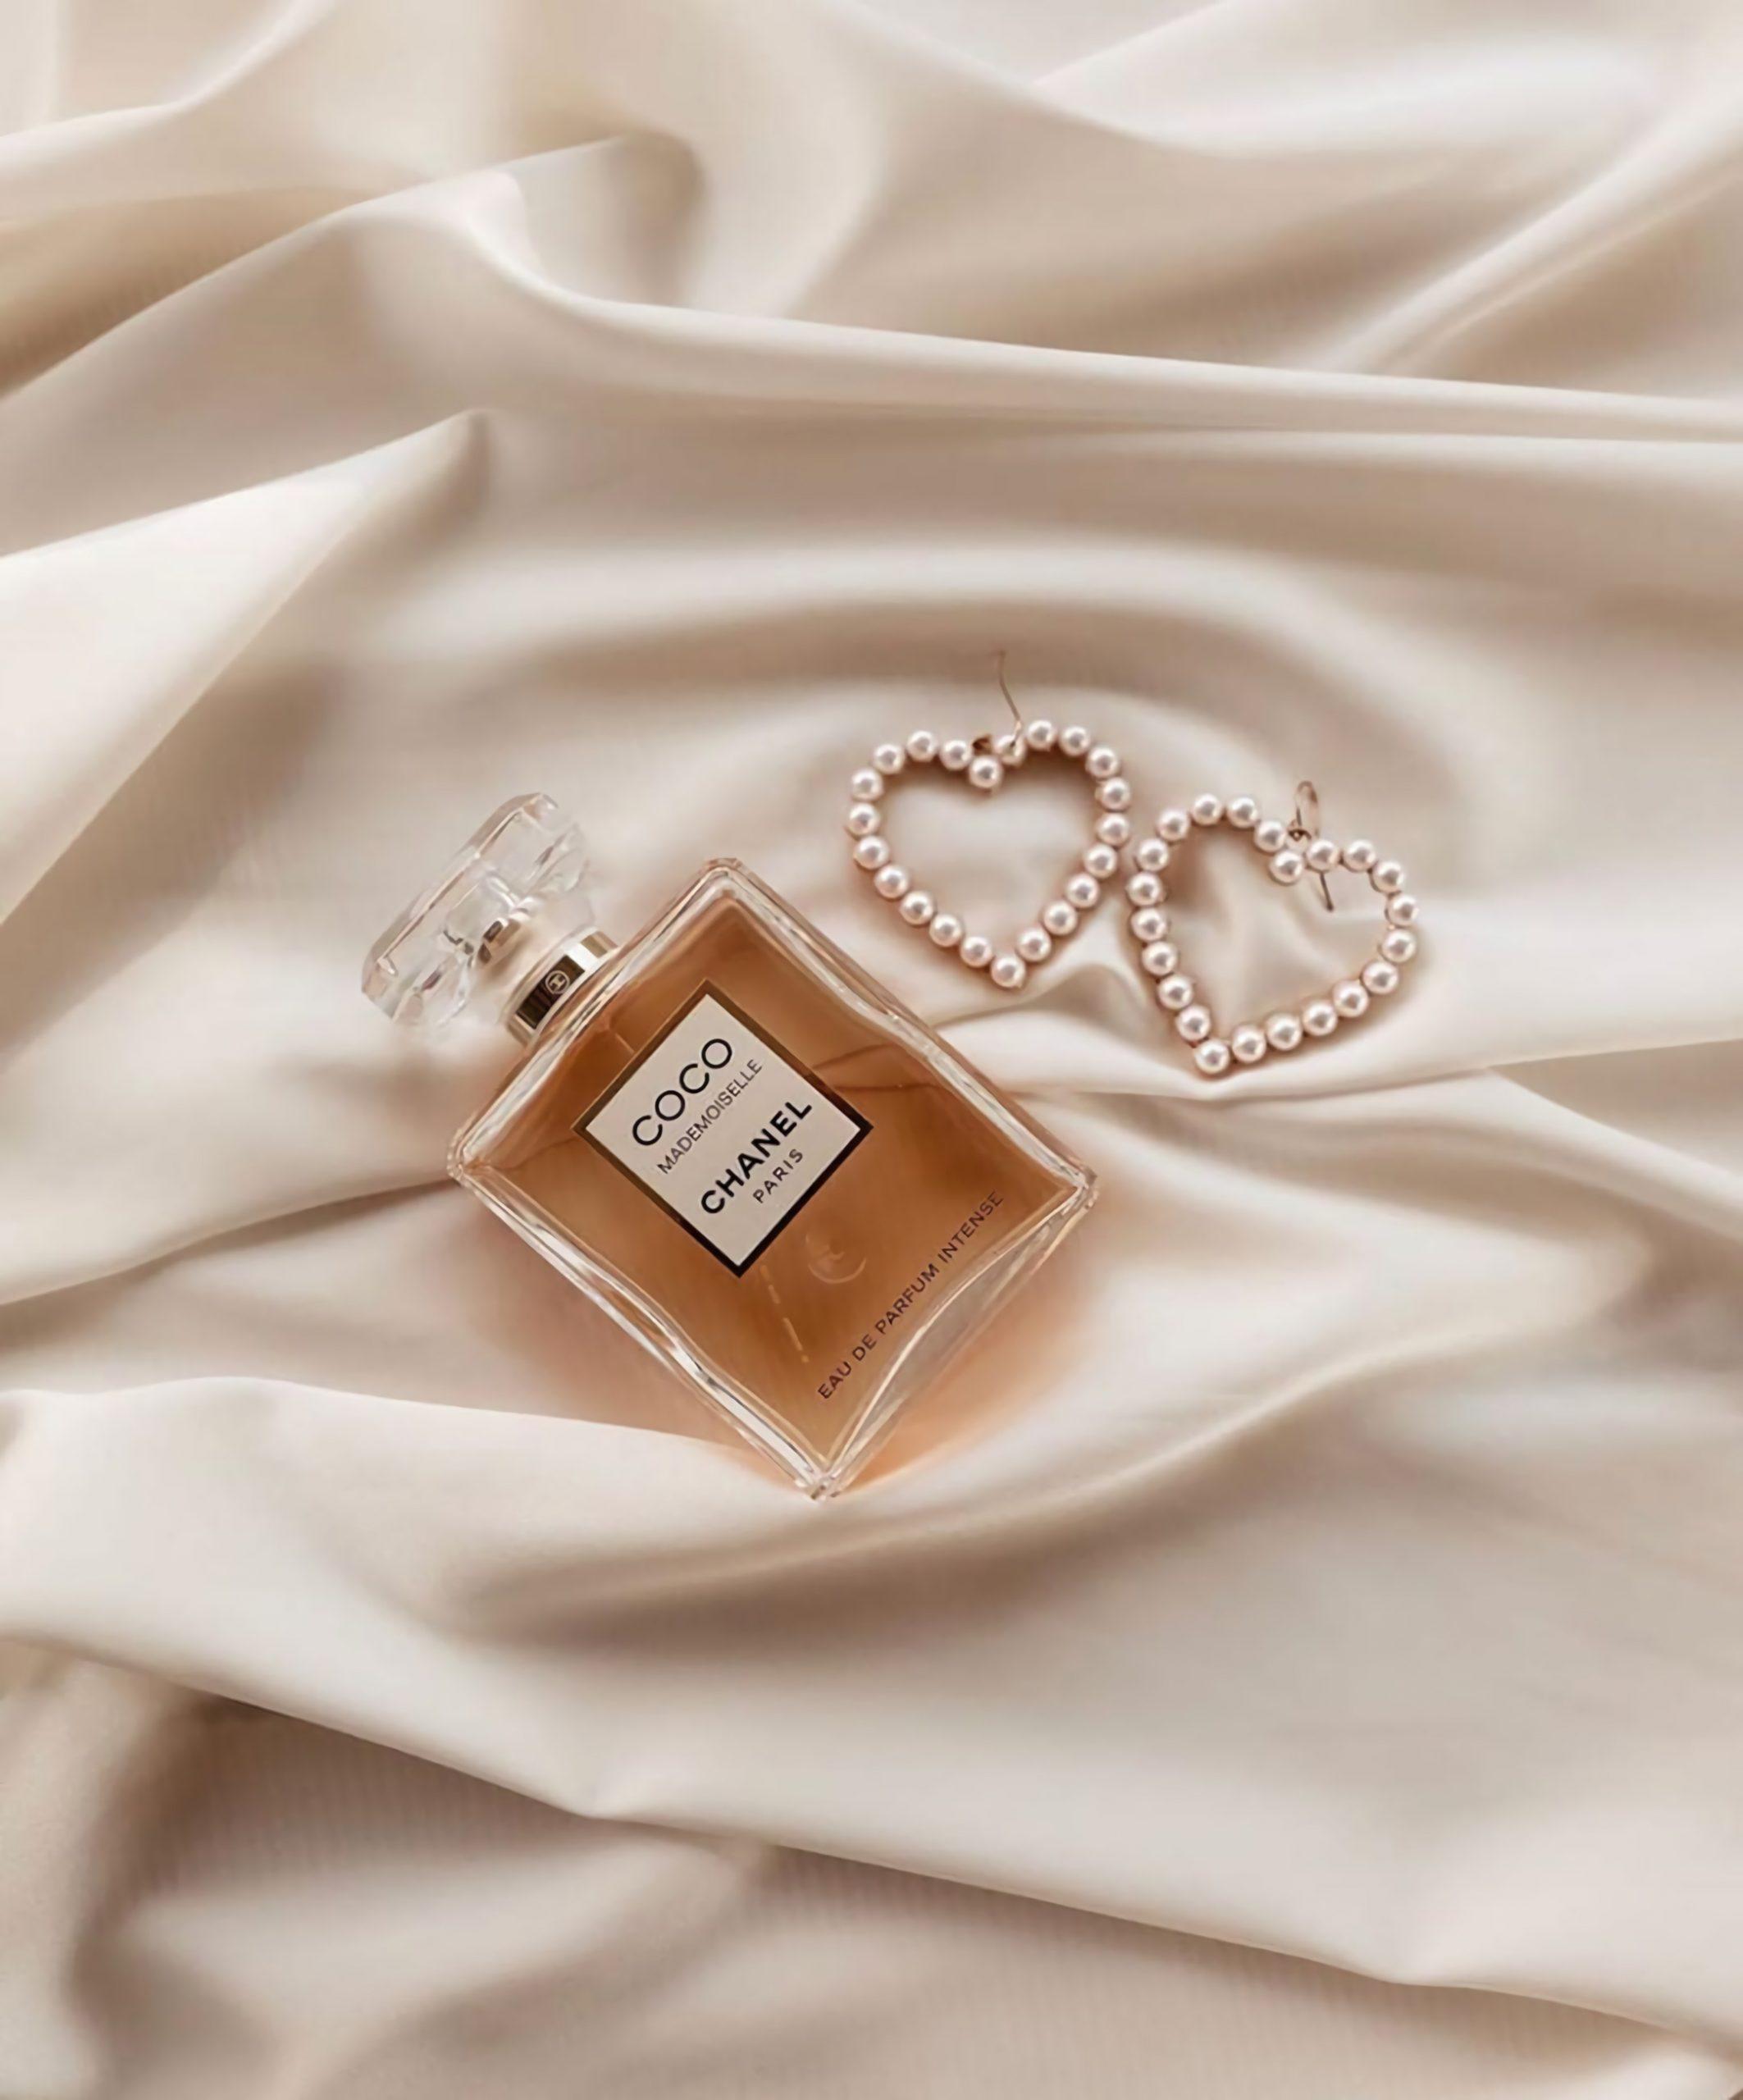 элегантные стойкие духи для женщин Coco Chanel Eau de Perfum